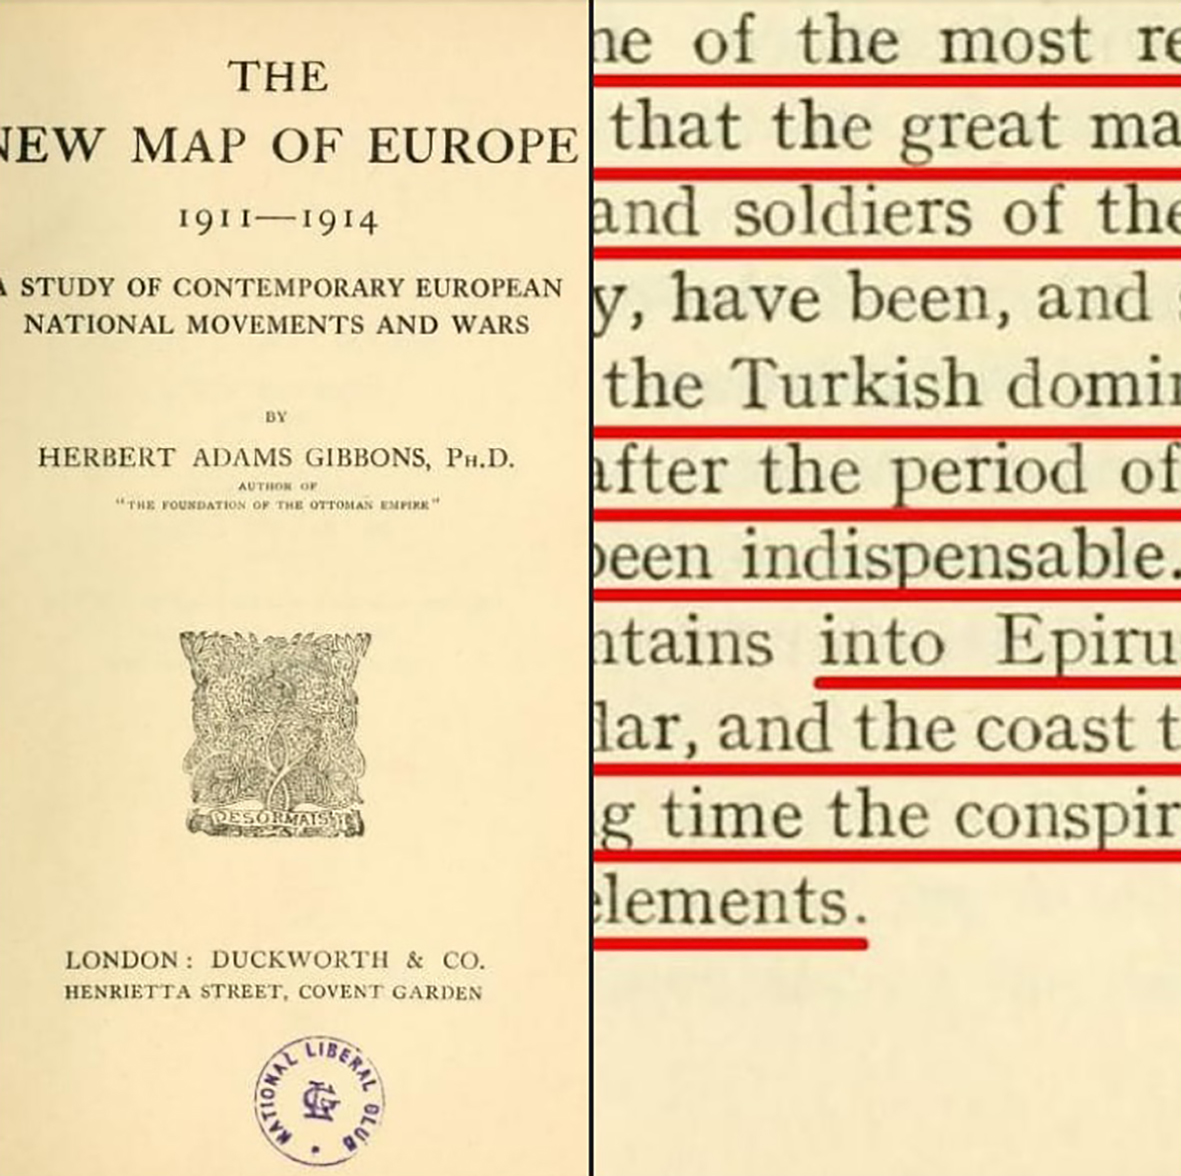 Οι Αλβανοί ήταν πάντα οι πιστοί ακόλουθοι του Σουλτάνου και κατέστειλαν τις εξεγέρσεις των Χριστιανών